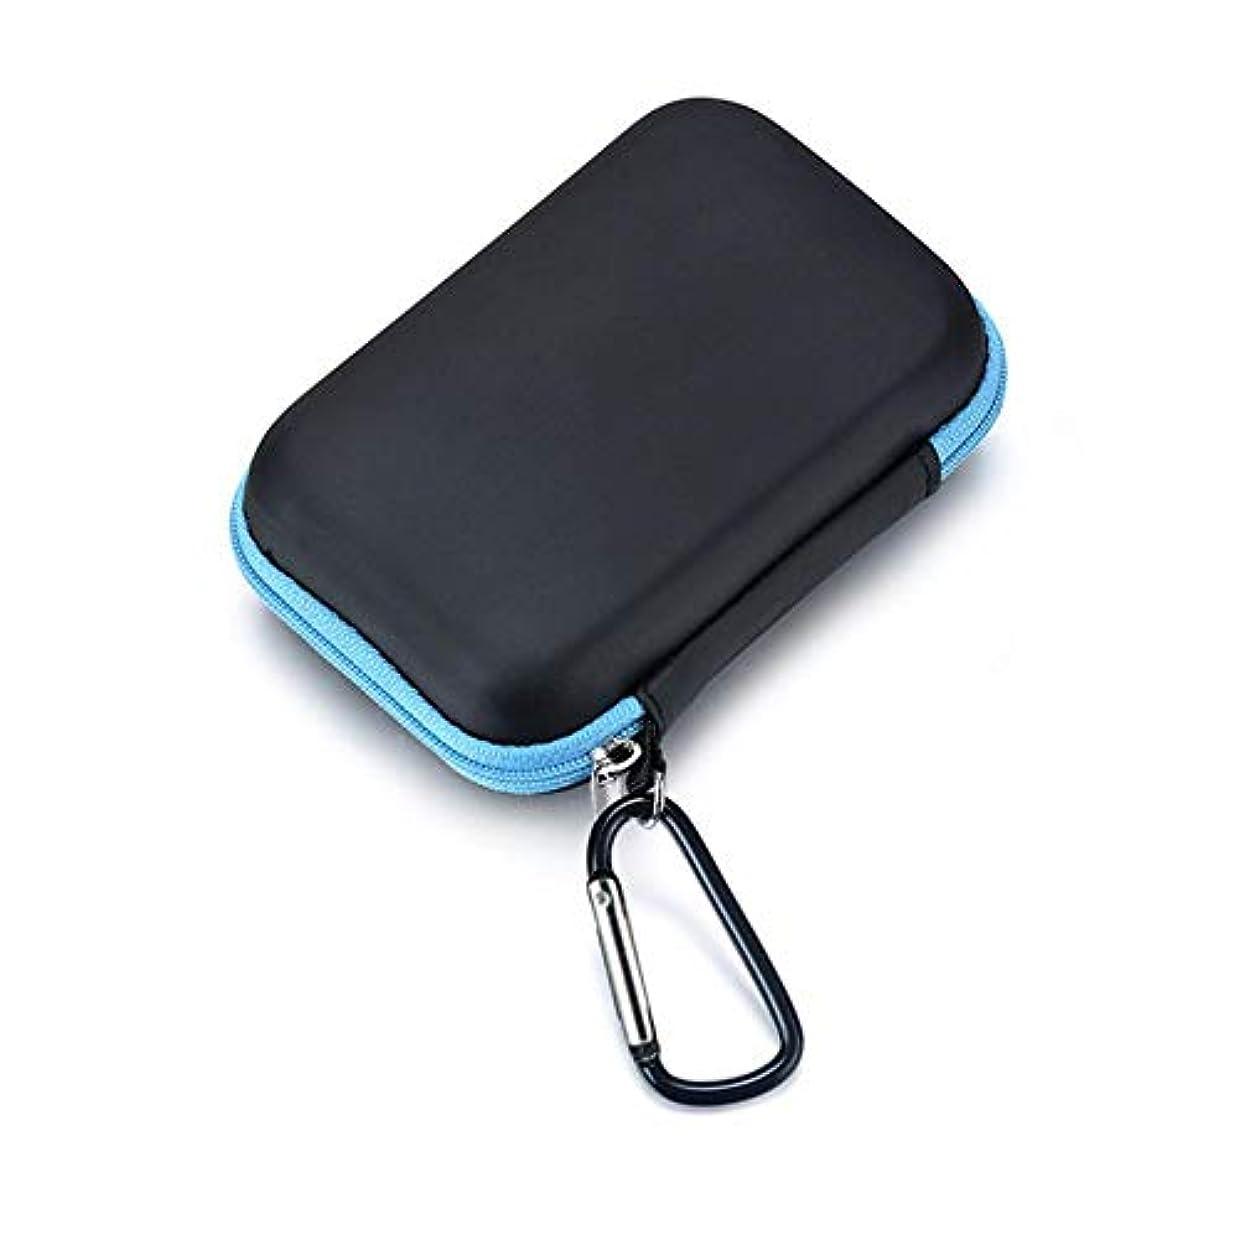 旋回キリマンジャロ反応するエッセンシャルオイル収納バッグ 収納ケース 携帯用ポーチ EVA製 15本入り 1ml?2ml?3mlの精油ボルトに対応 junexi